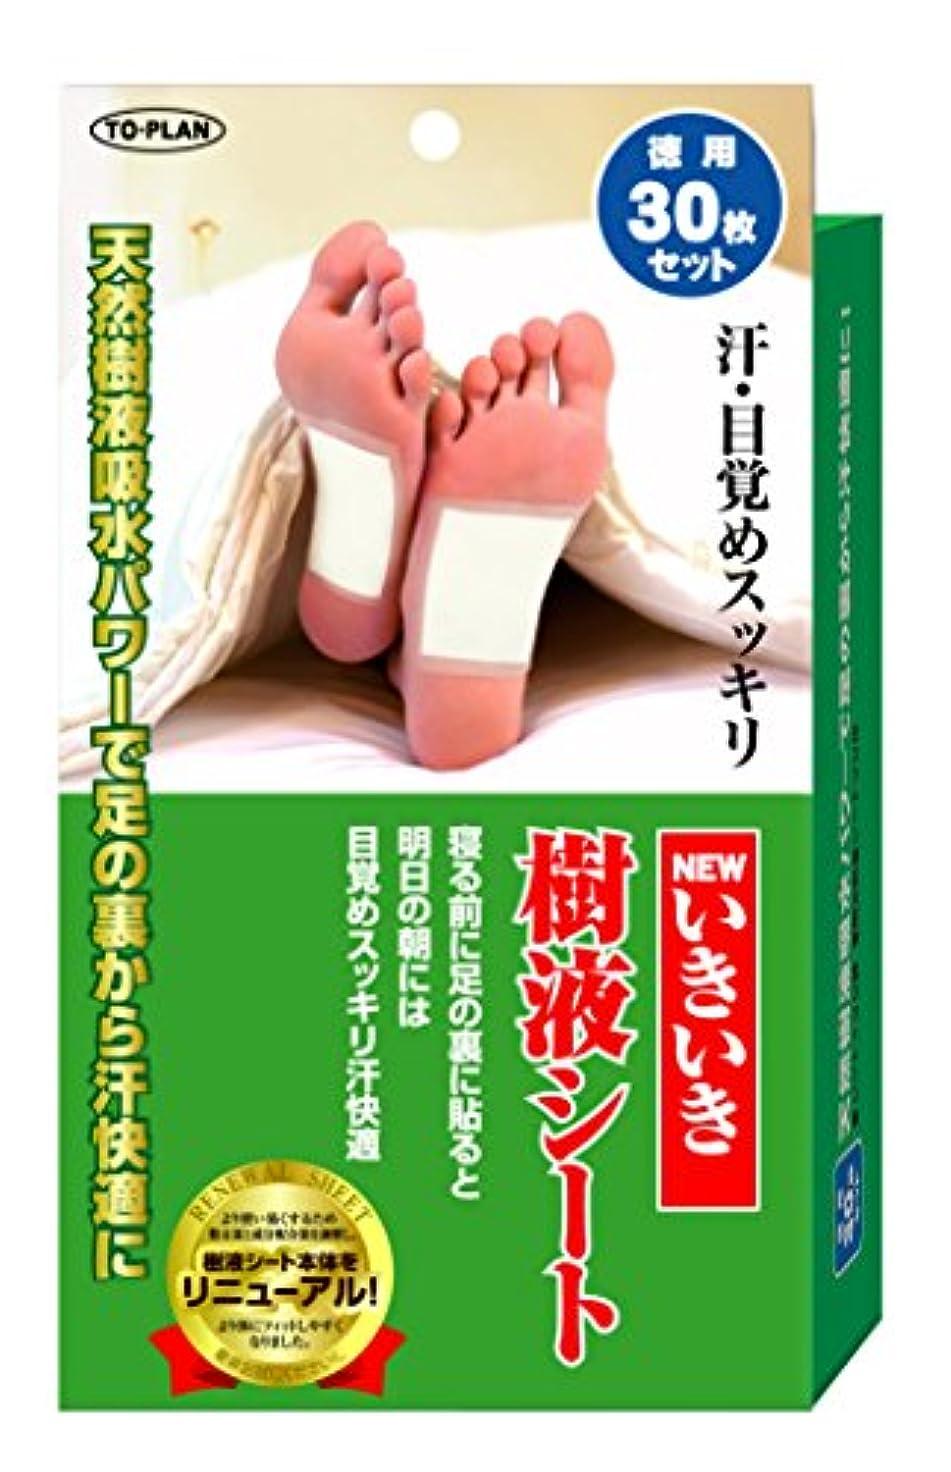 他にキャプチャー経済東京企画販売 NEWいきいき樹液シート30枚入 単品